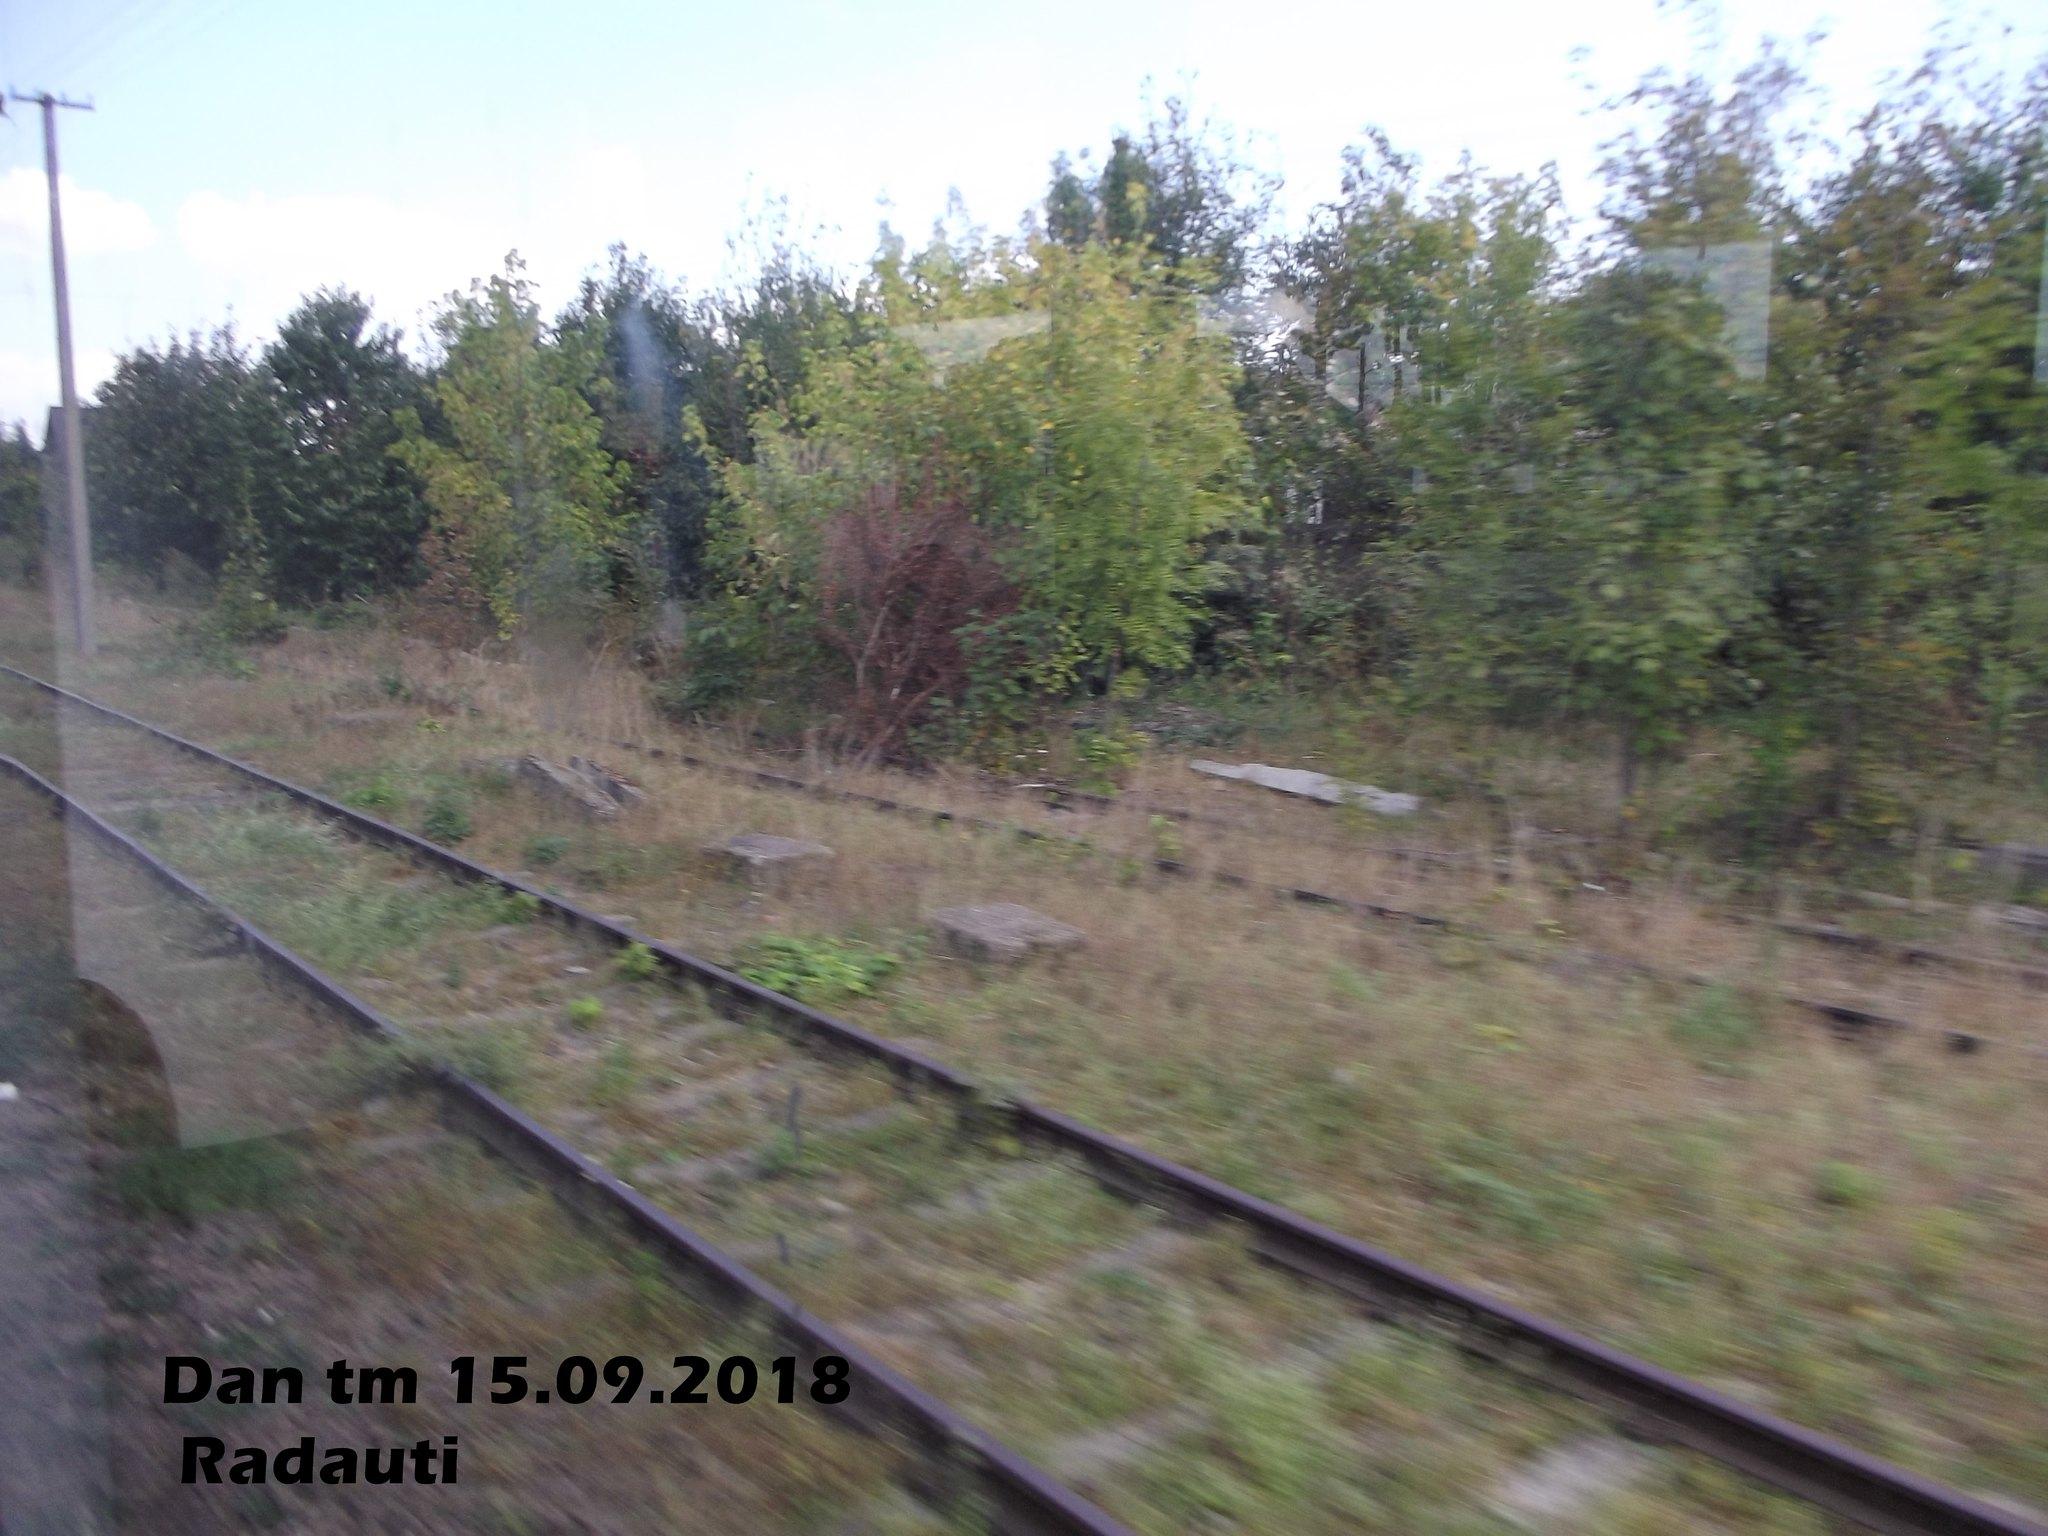 515 : Dorneşti - Gura Putnei - (Putna) - Nisipitu - Seletin UKR - Pagina 47 44734669161_4c627fccb1_k